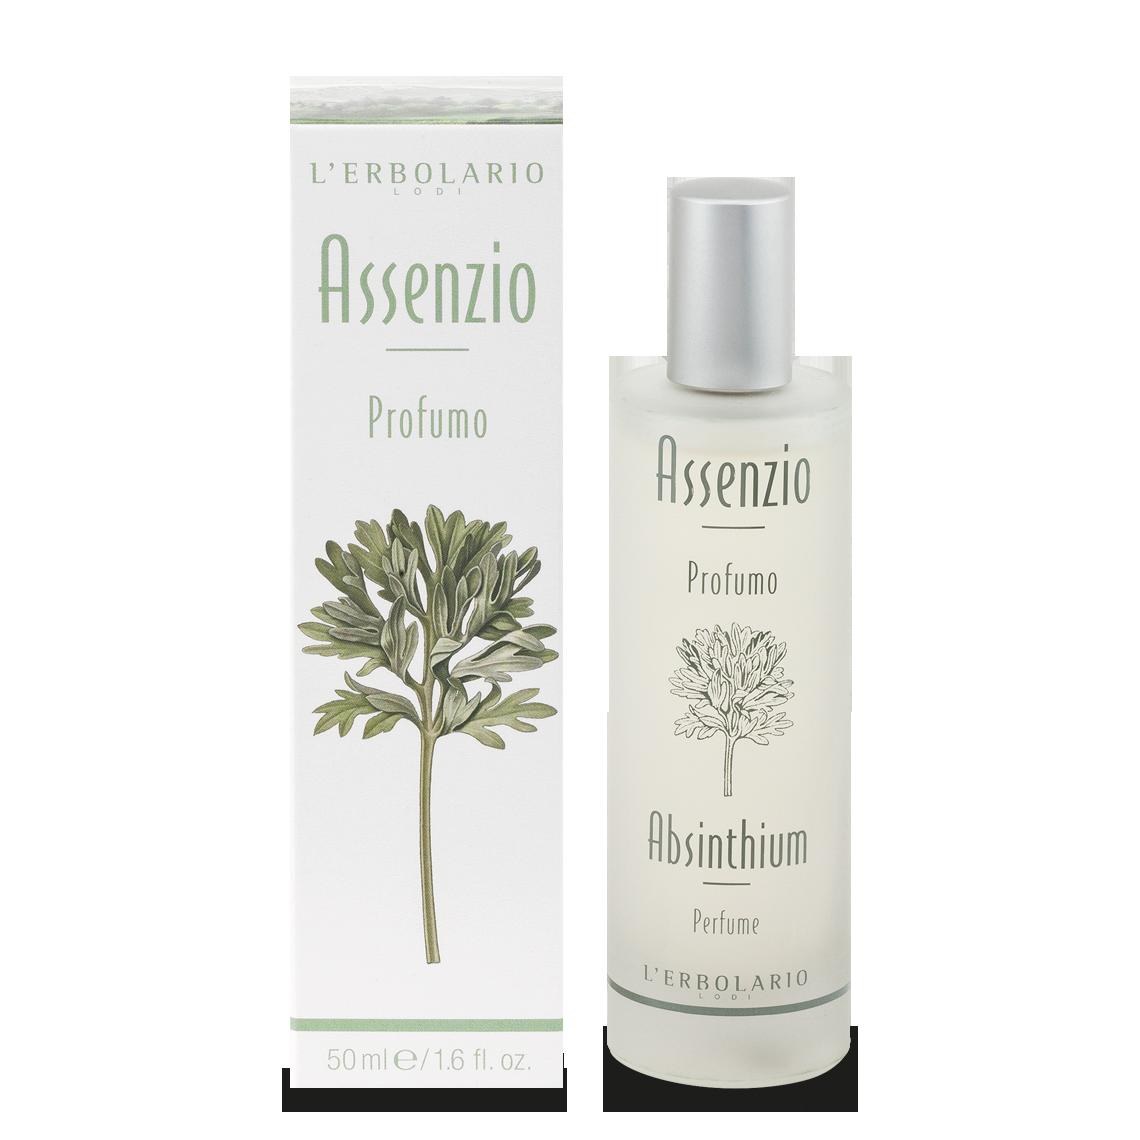 L'Erbolario Apa de parfum Absinthium, 50ml drmax.ro